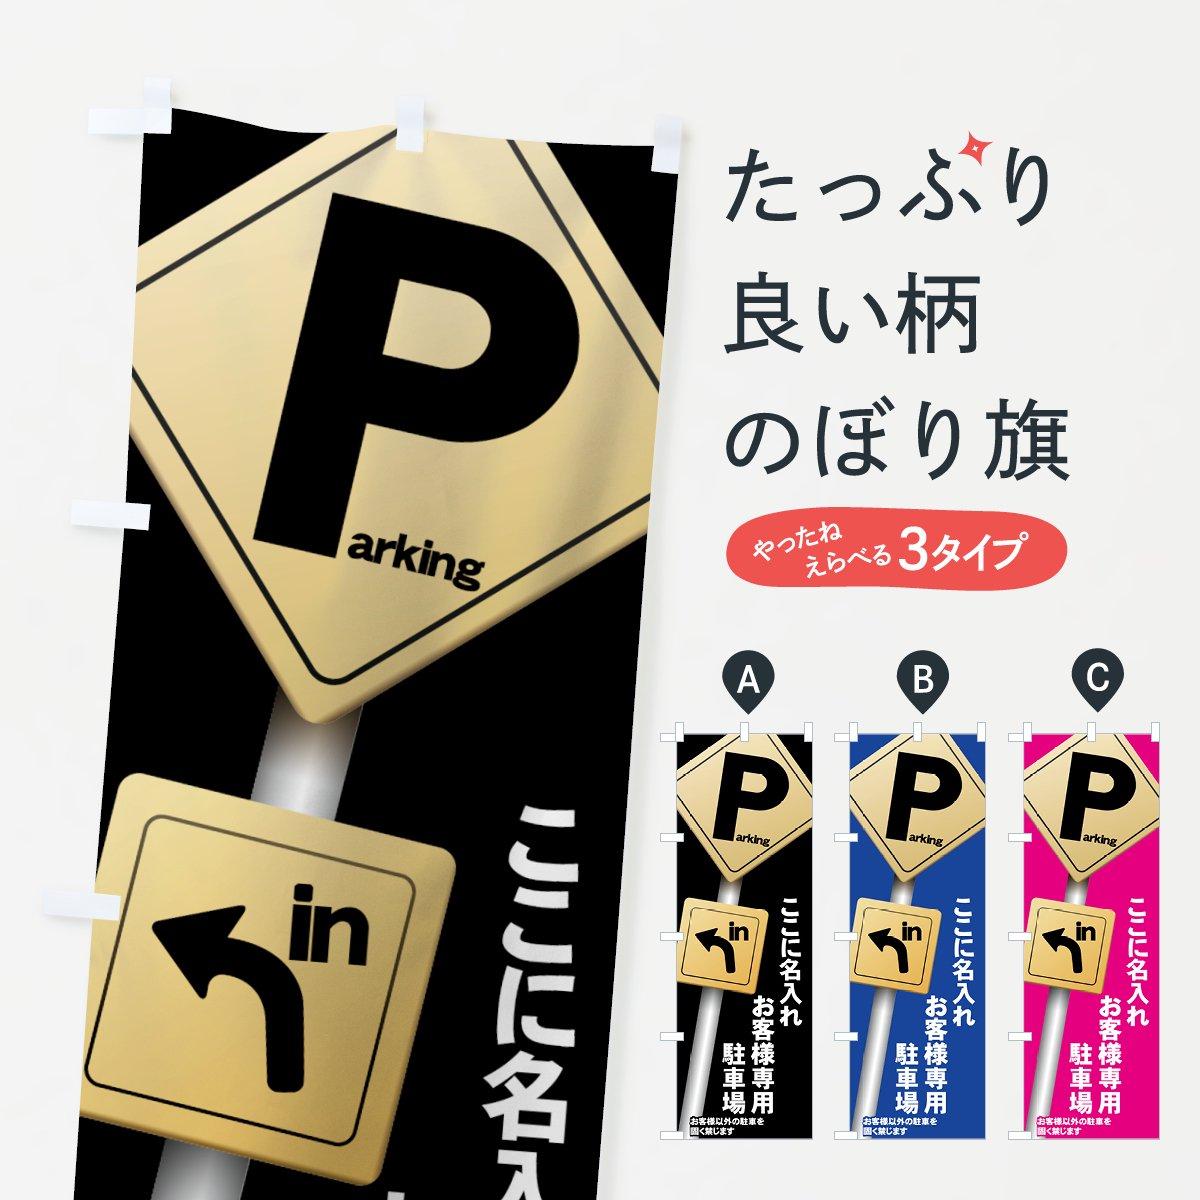 【名入無料】のぼり旗 お客様専用駐車場